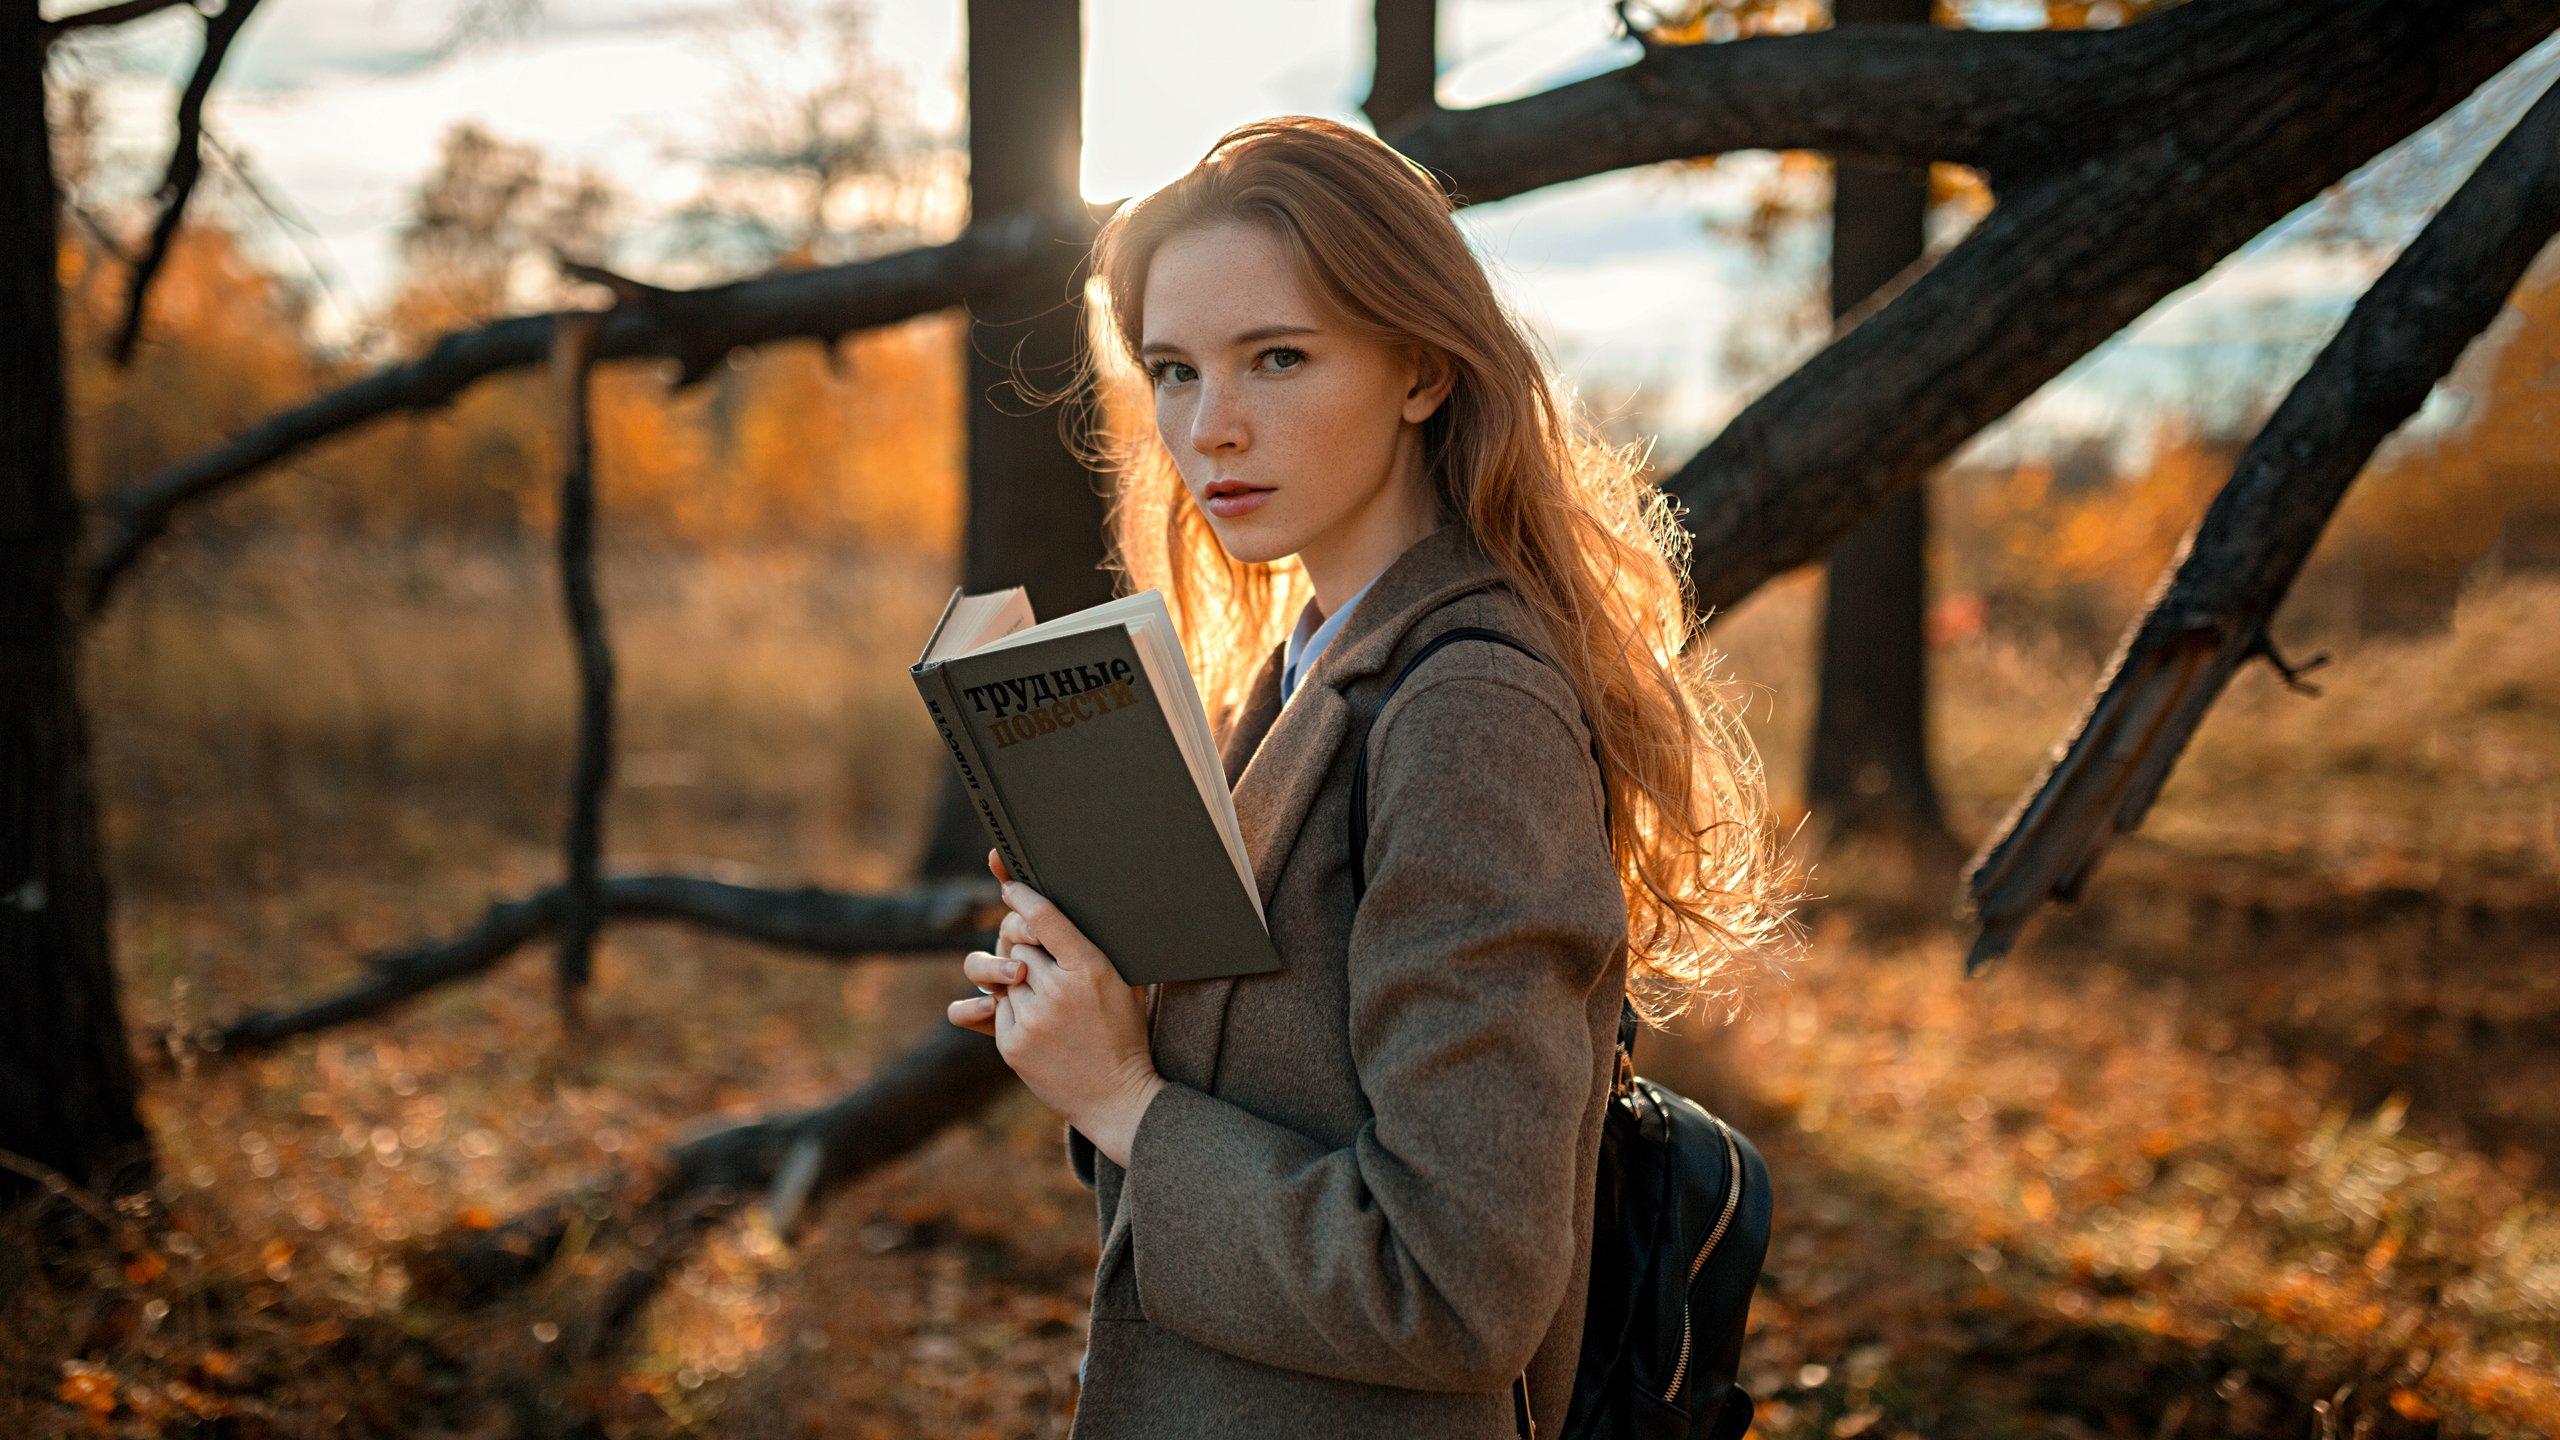 девушка, портрет, солнце, деревья, Александр Куренной